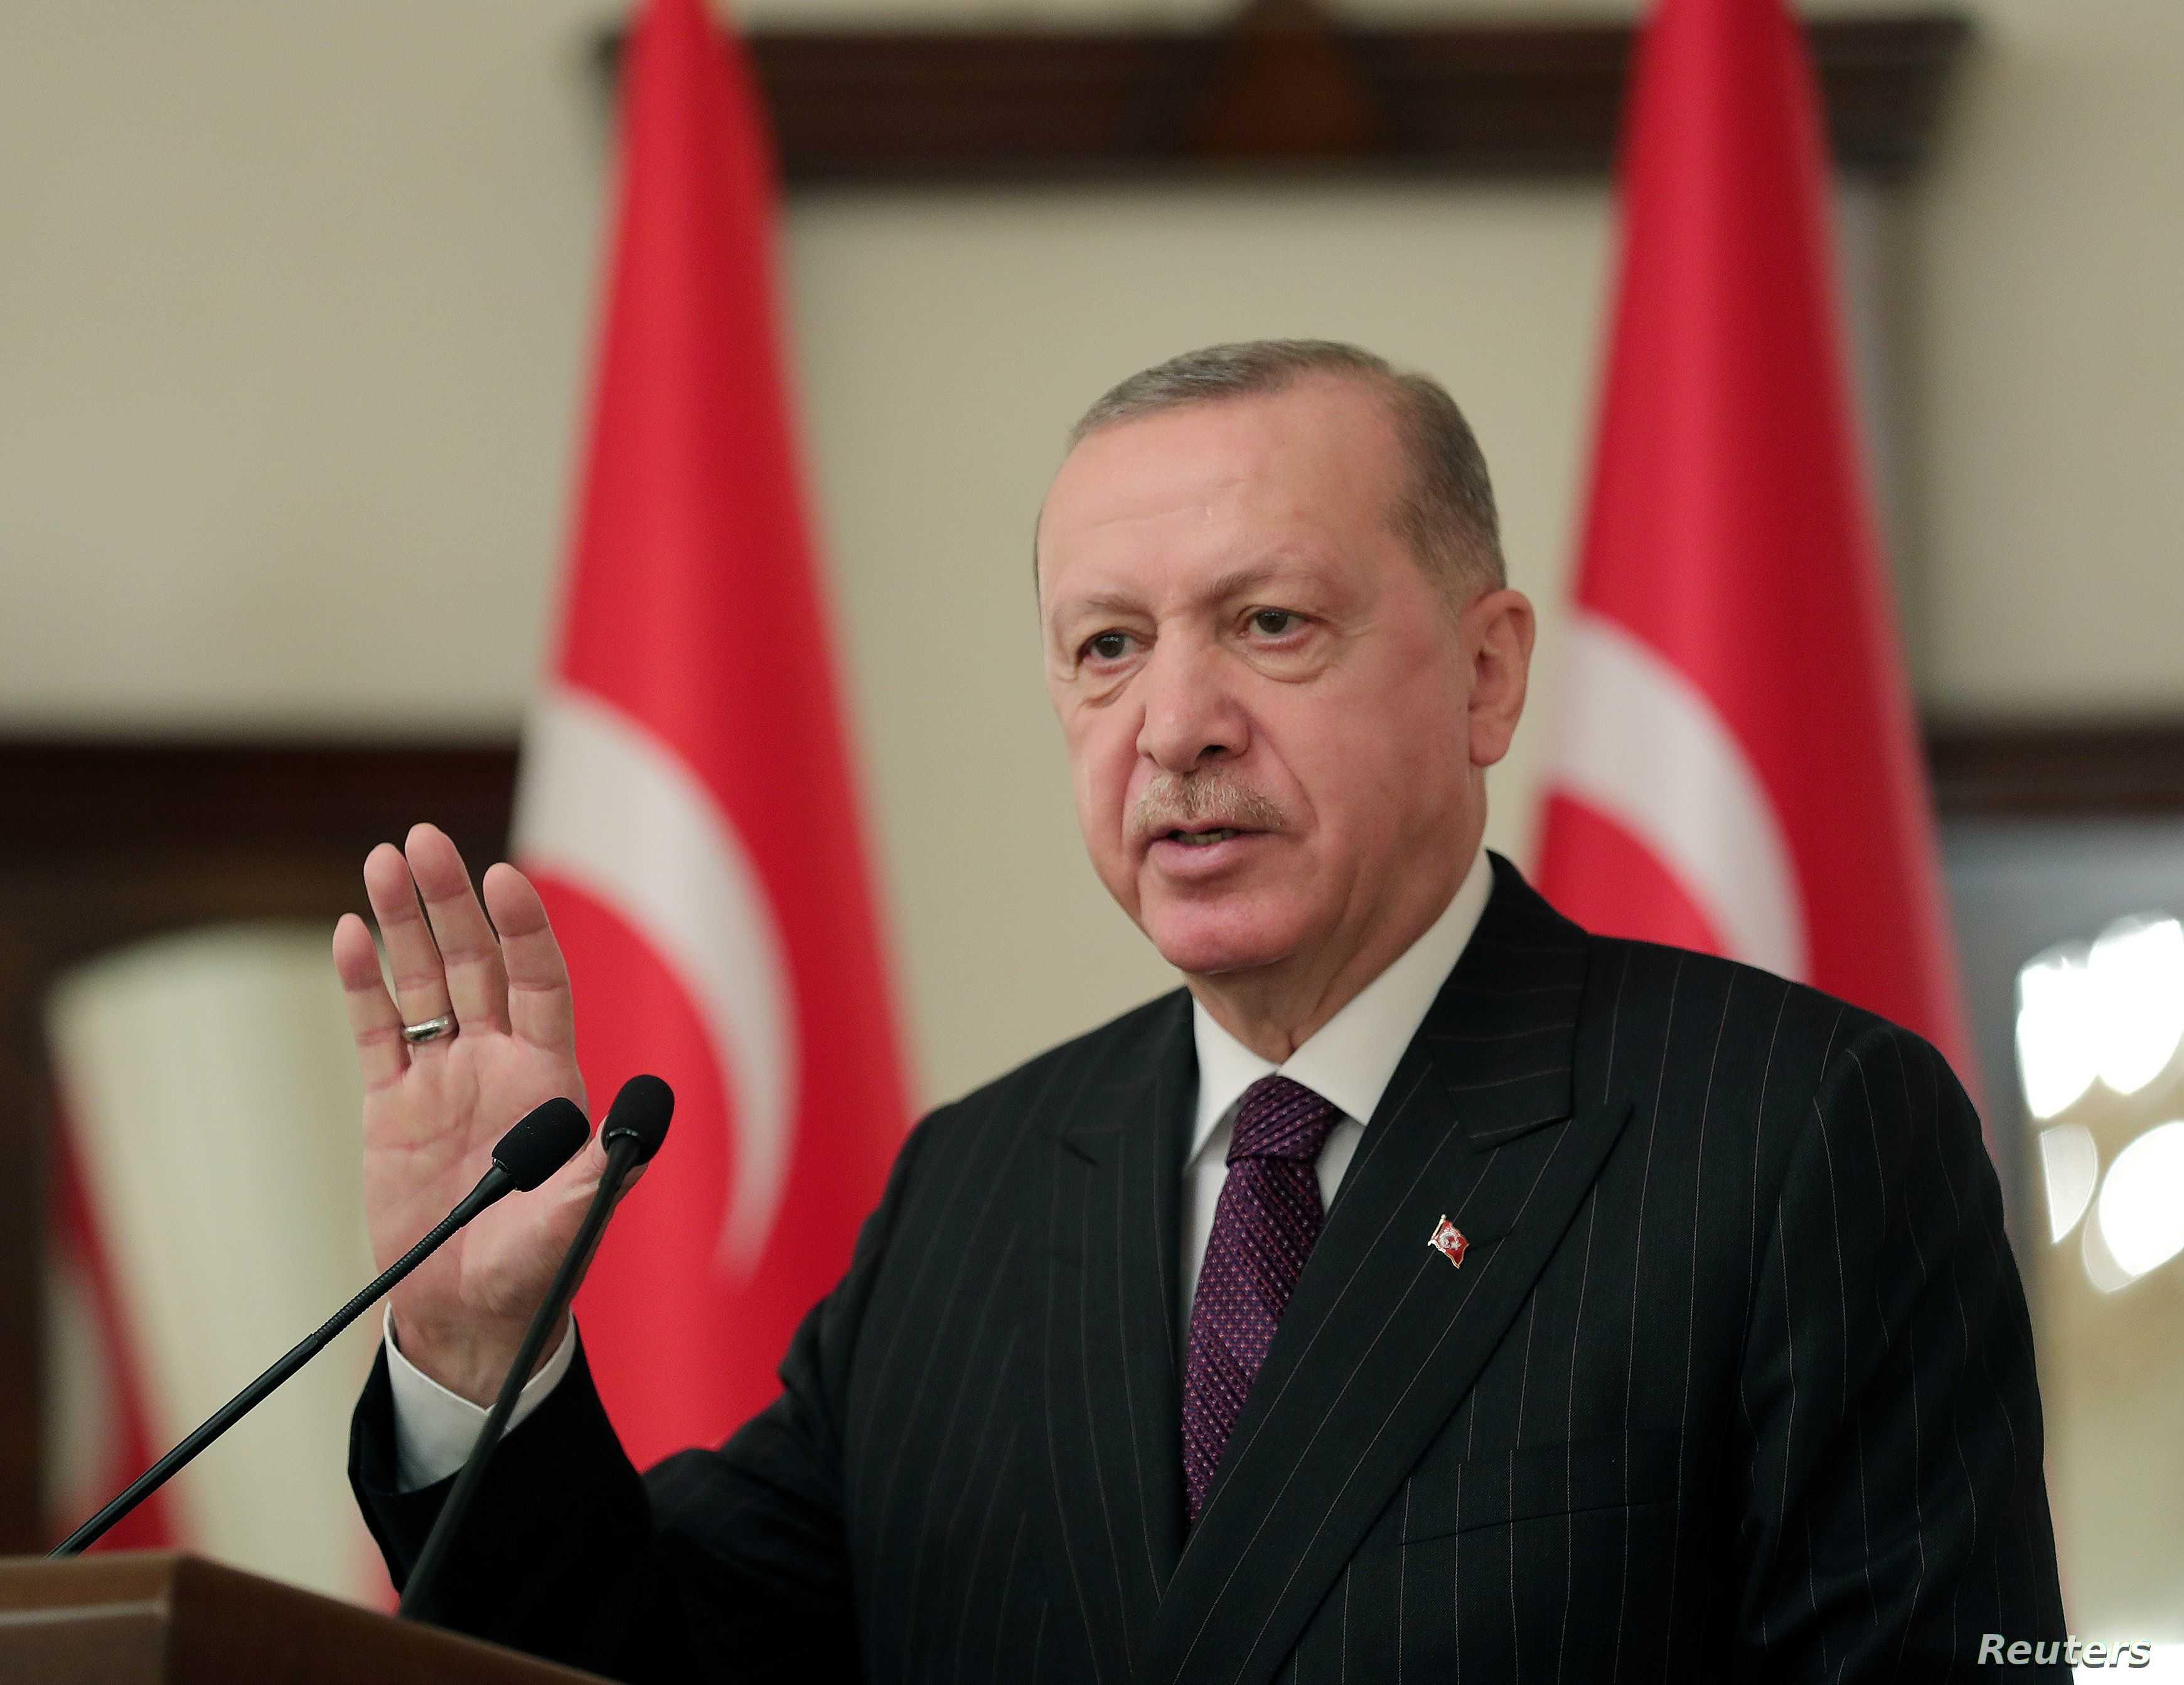 شاهد كيف شكر اردوغان الاردن بعد مساعدته في اخماد الحرائق؟